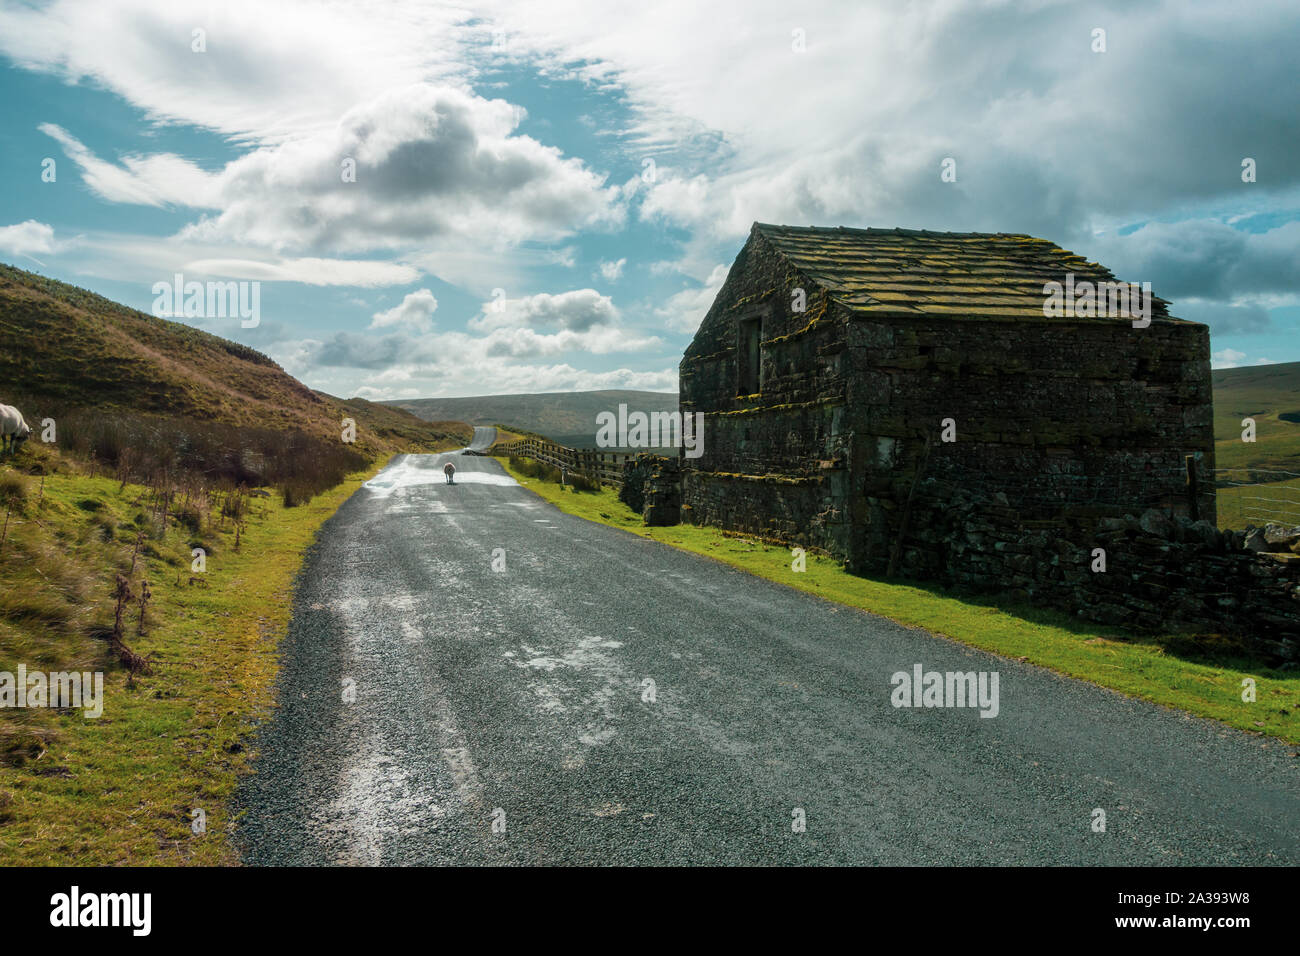 Antiguo pajar de piedra y ovejas en la carretera en Birkdale en Upper Swaledale en la B6270 arriba Nateby, Yorkshire Dales Foto de stock